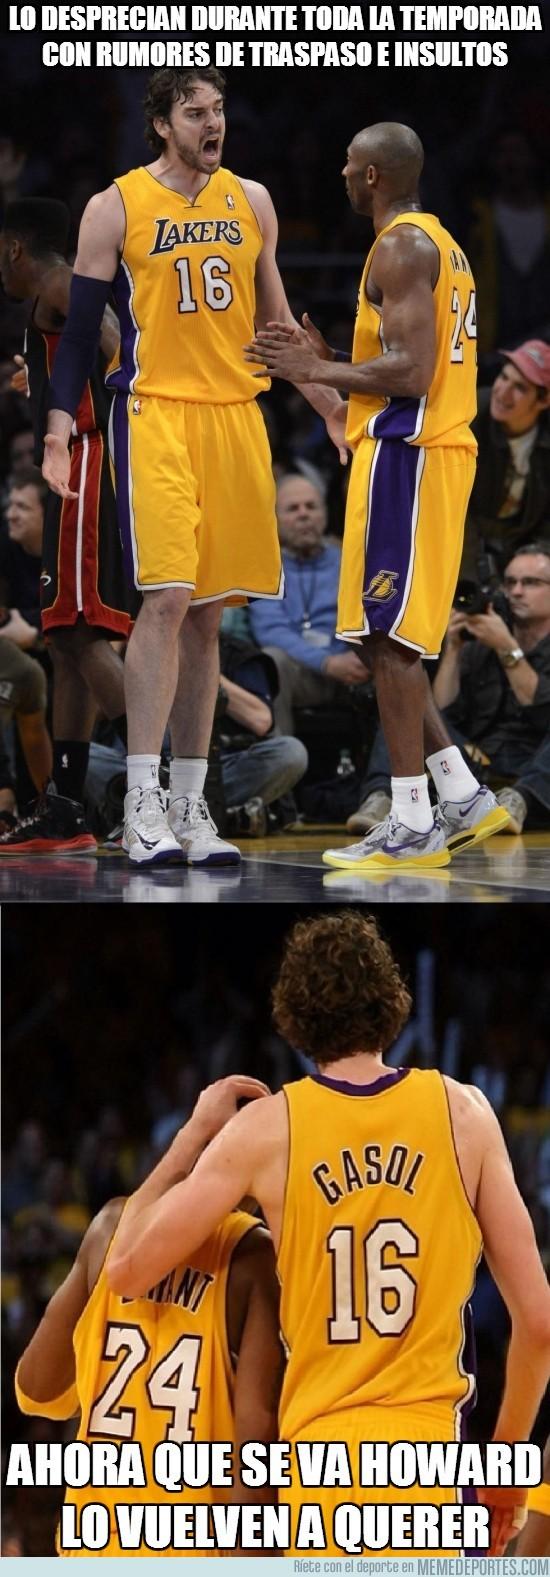 161268 - La lógica de los Lakers